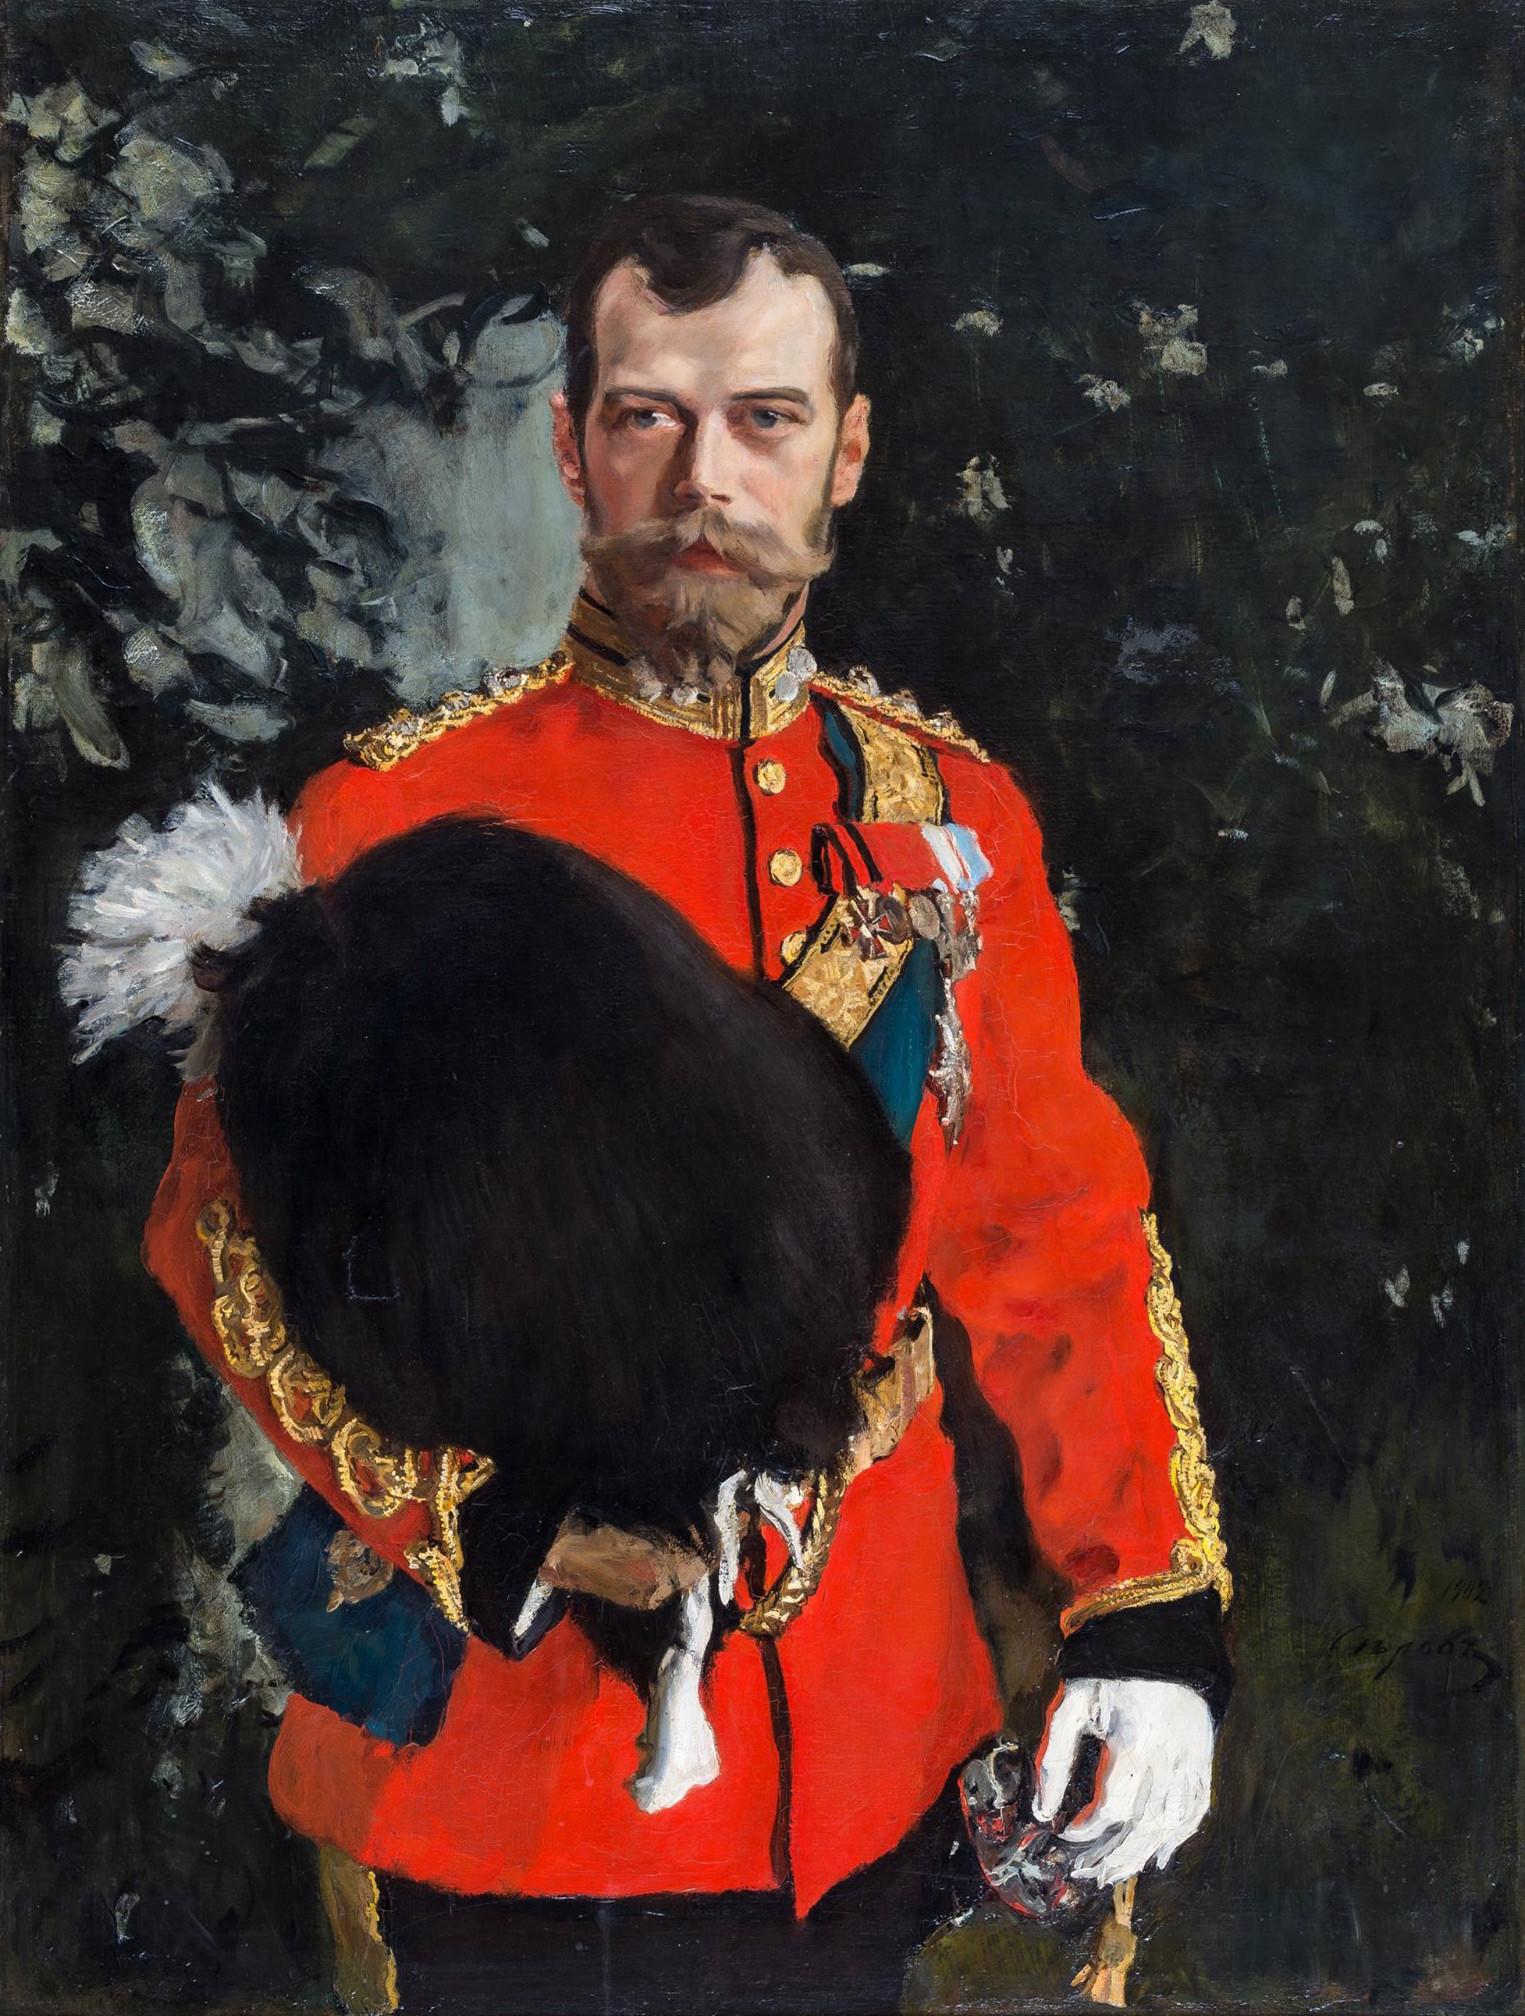 Retrato de Nicolau 2º, comandante-chefe do Royal Scots Greys, em 1902, por Valentin Serov. Aqui, o imperador aparece vestido com o uniforme completo